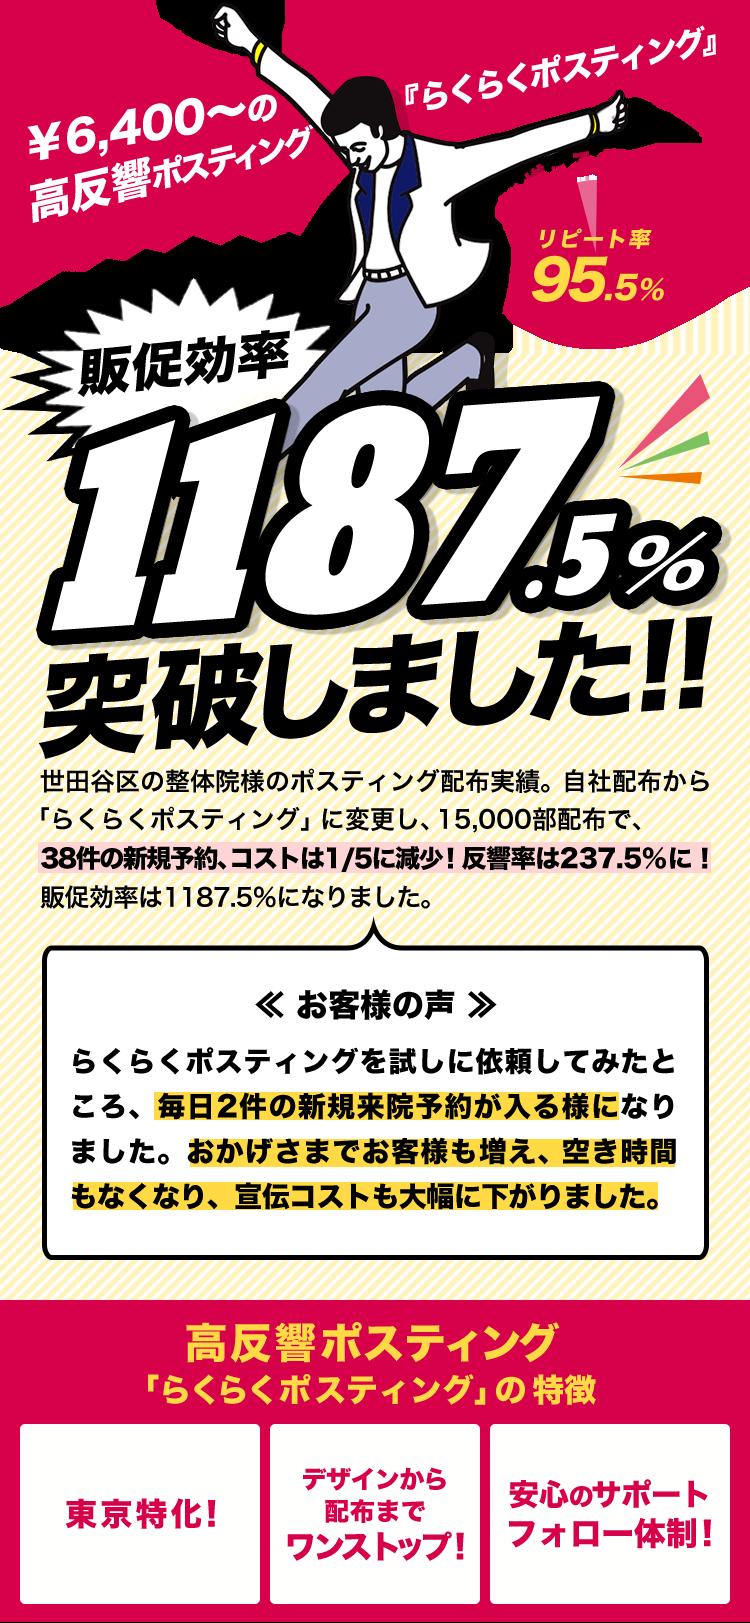 ¥6,400~の高反響ポスティングsp